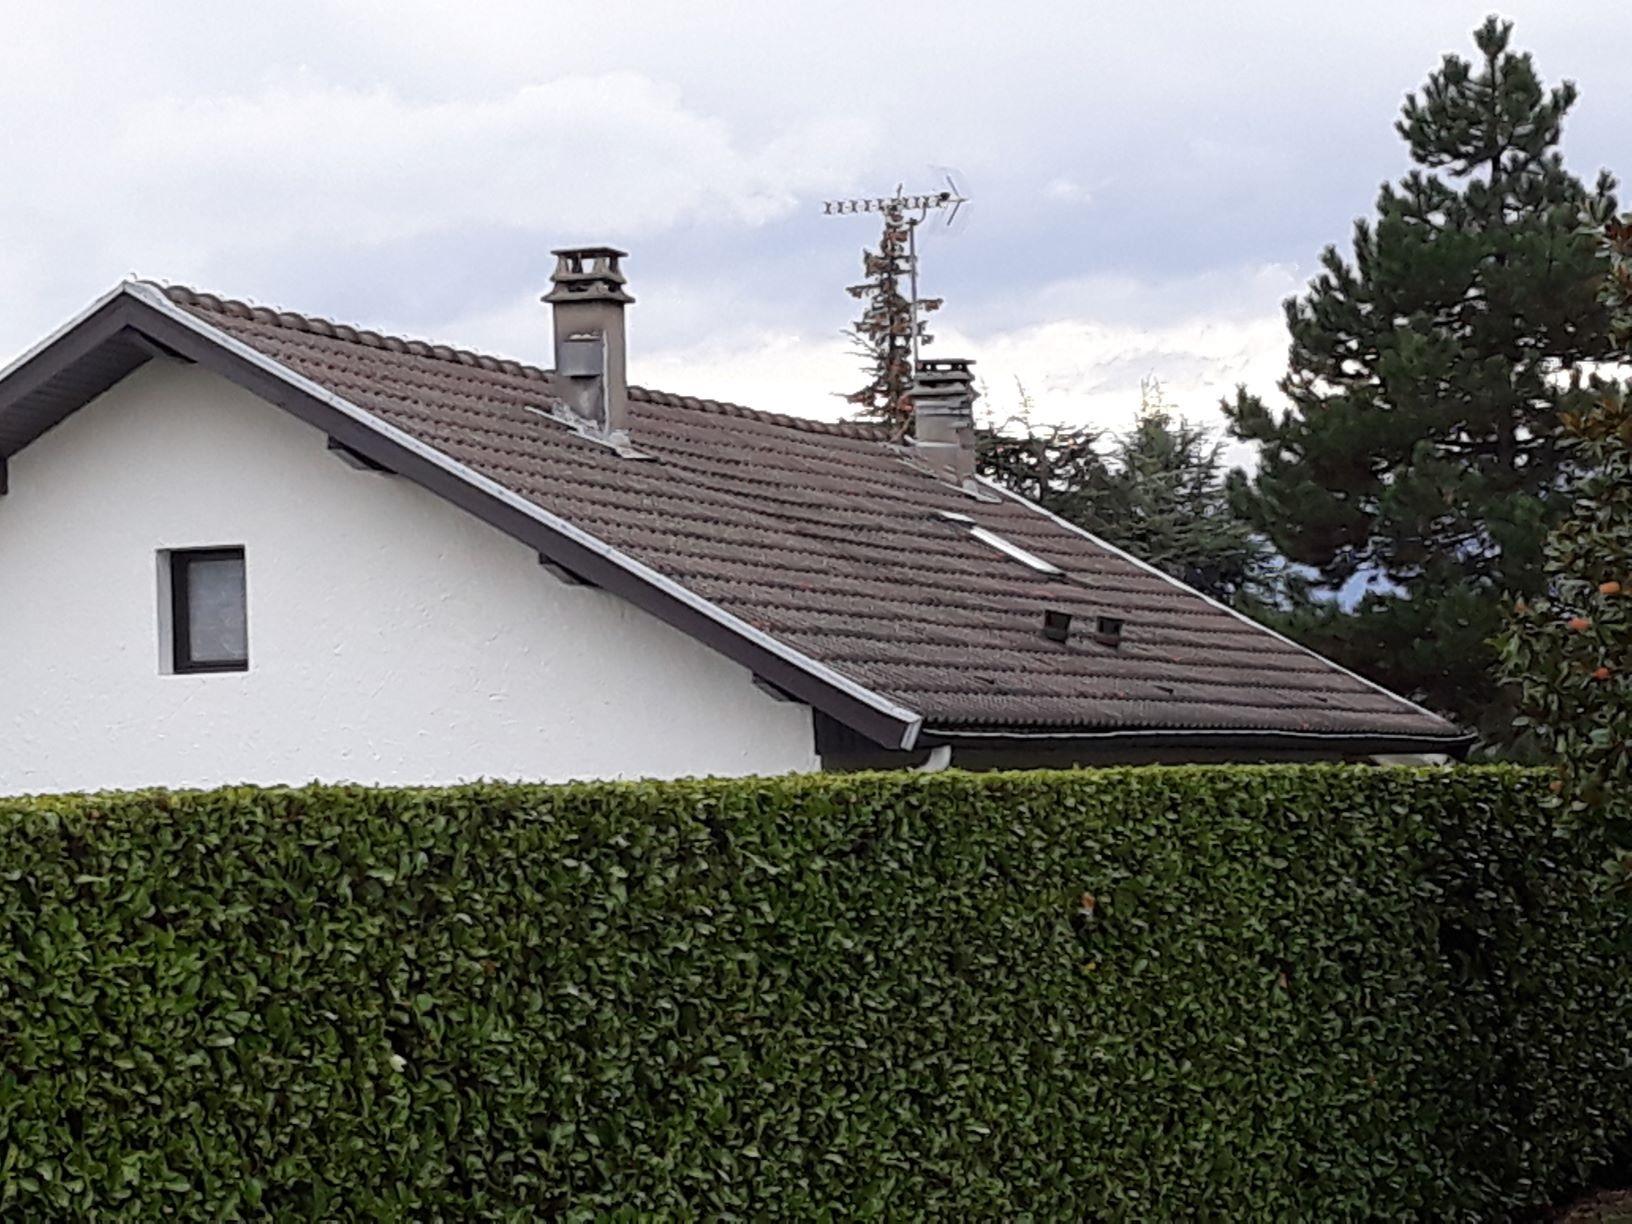 Avis sur l'état du toit d'une maison en cours d'achat